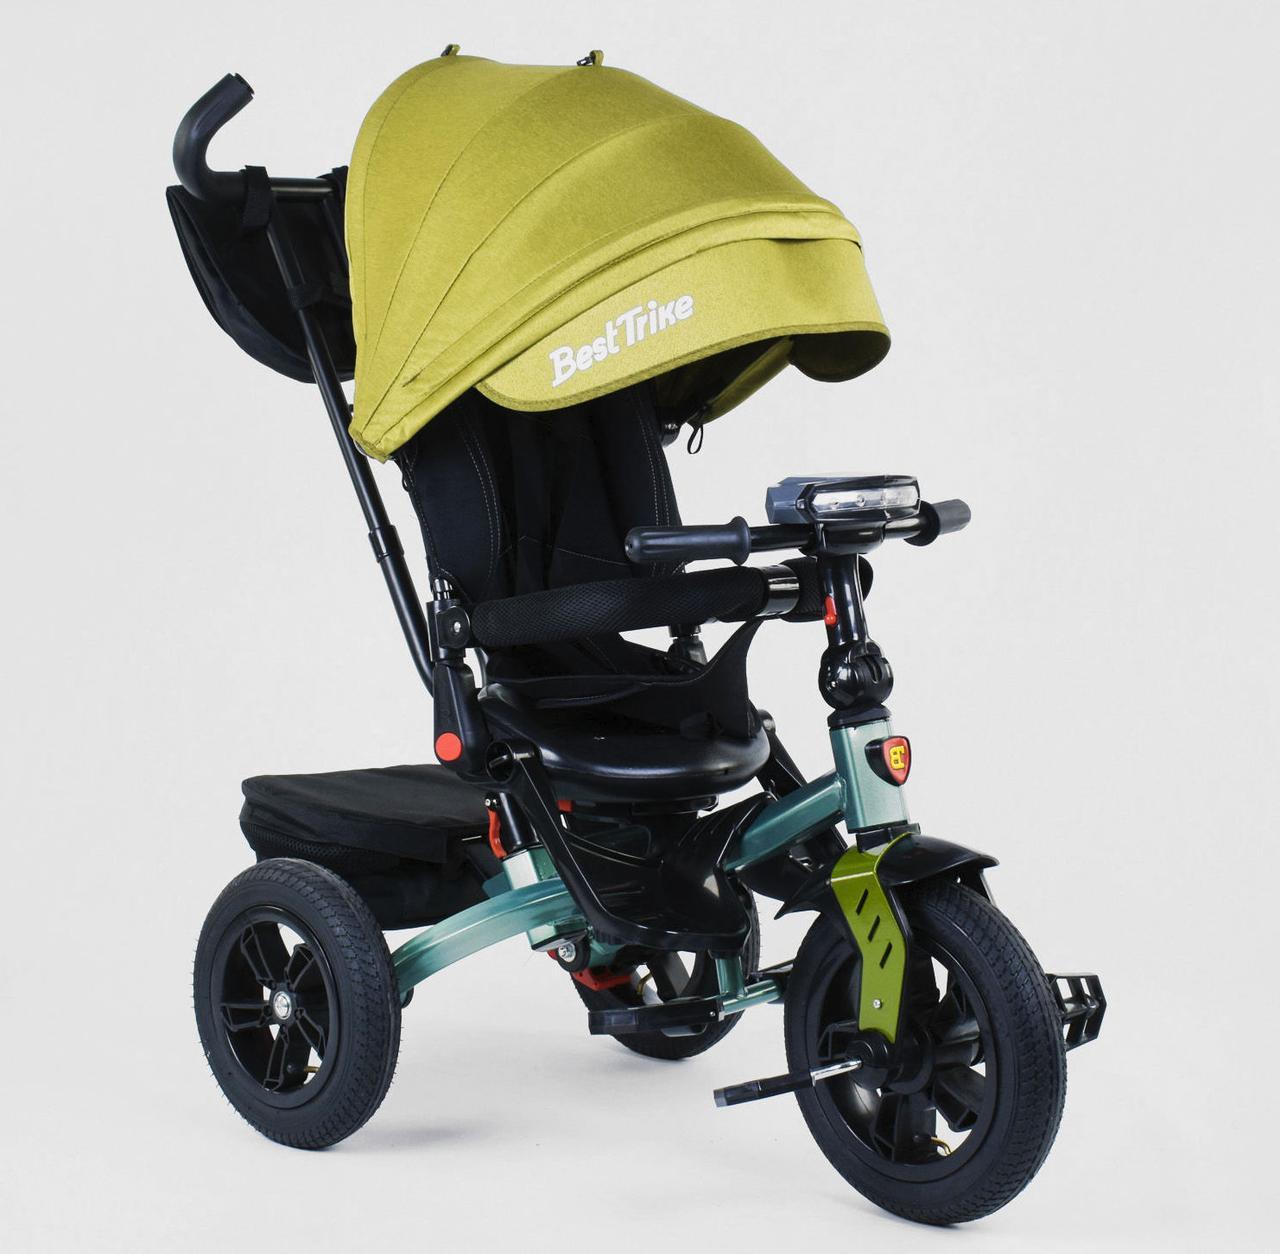 Велосипед дитячий триколісний Best Trike 9500 з пультом і поворотним сидінням